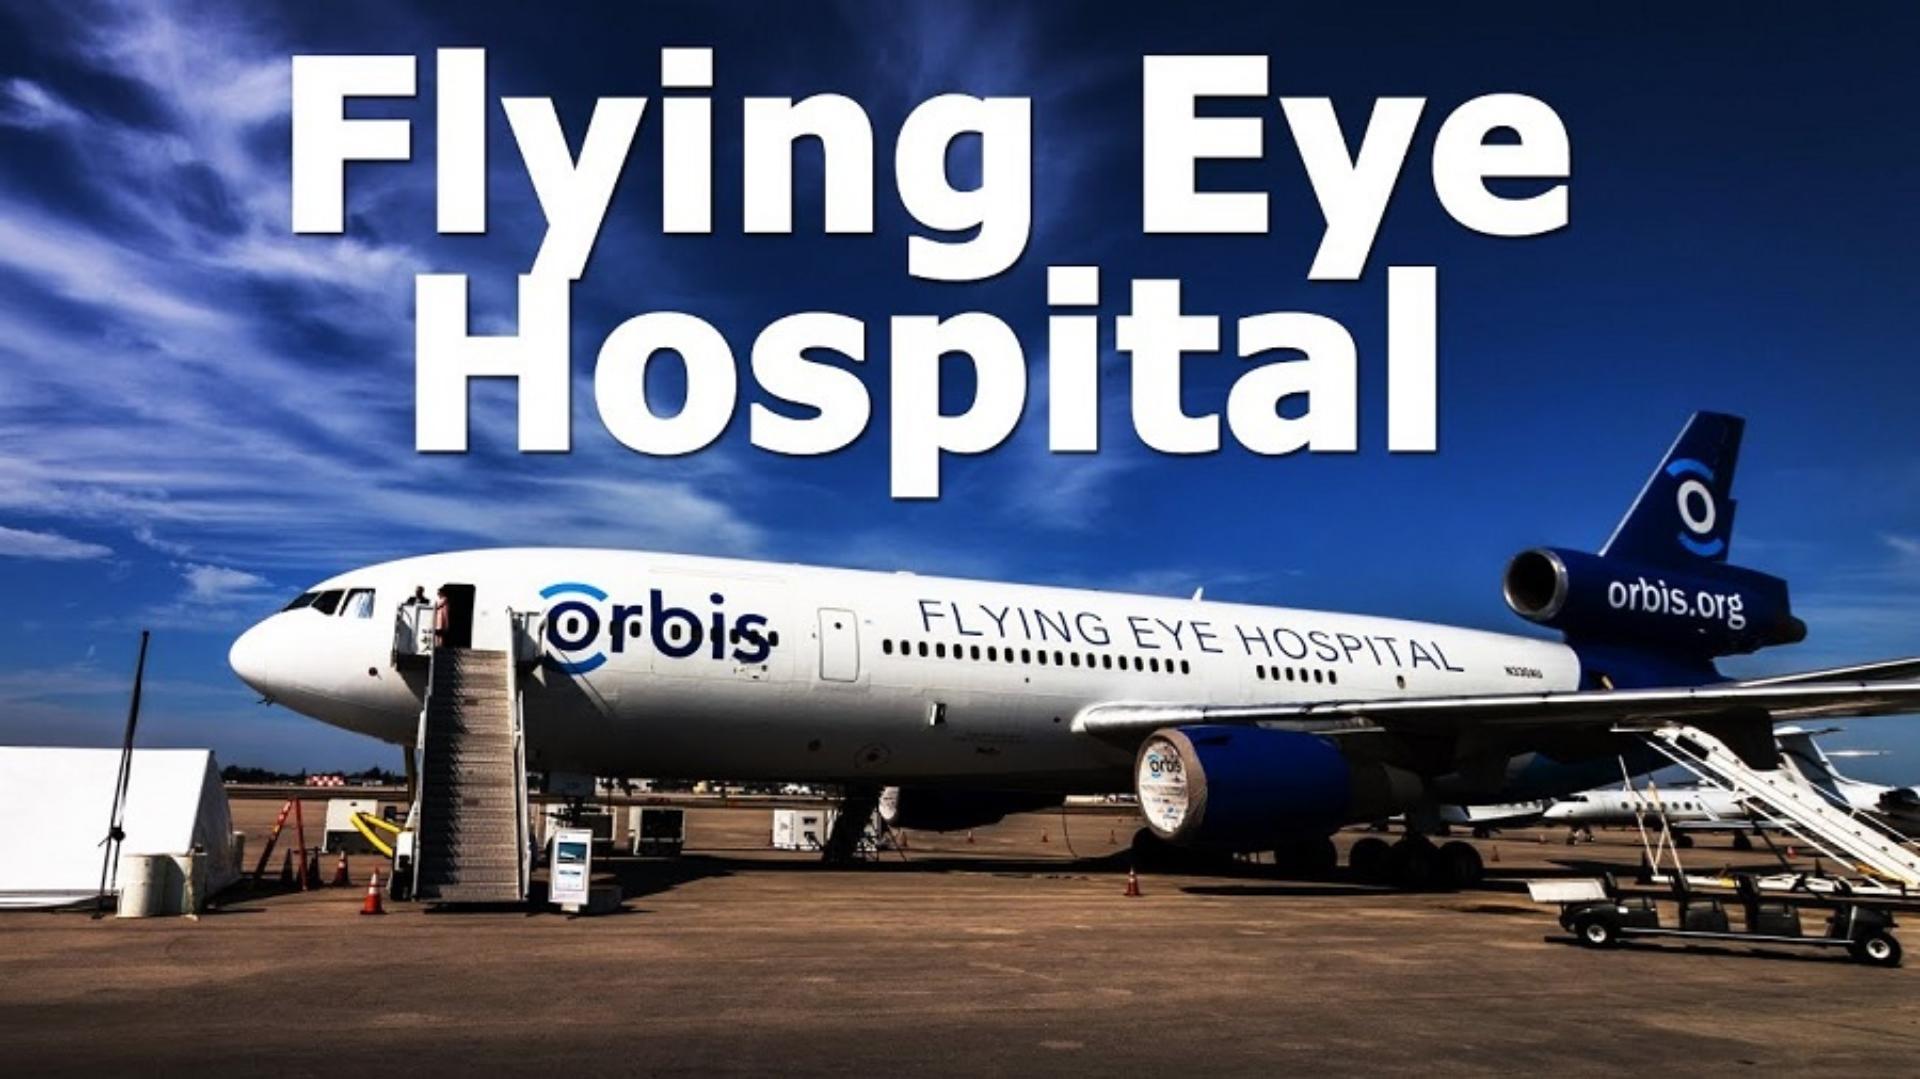 Flying Eye Hospital Jet Plane